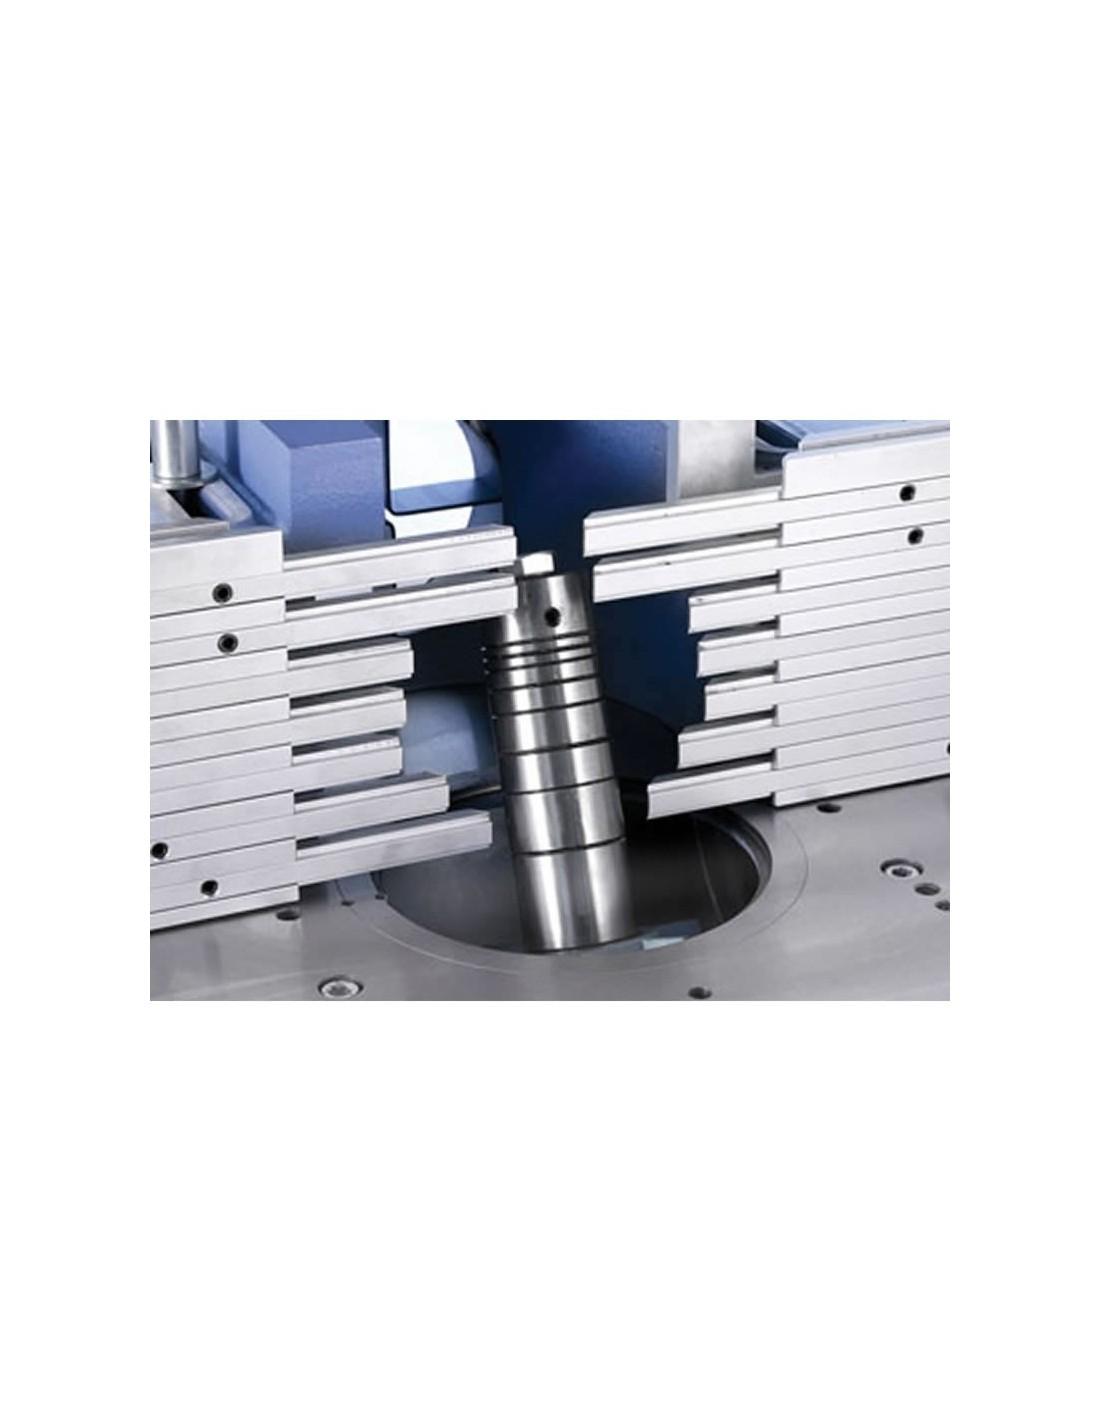 Ax frezor diametrul de 50 mm